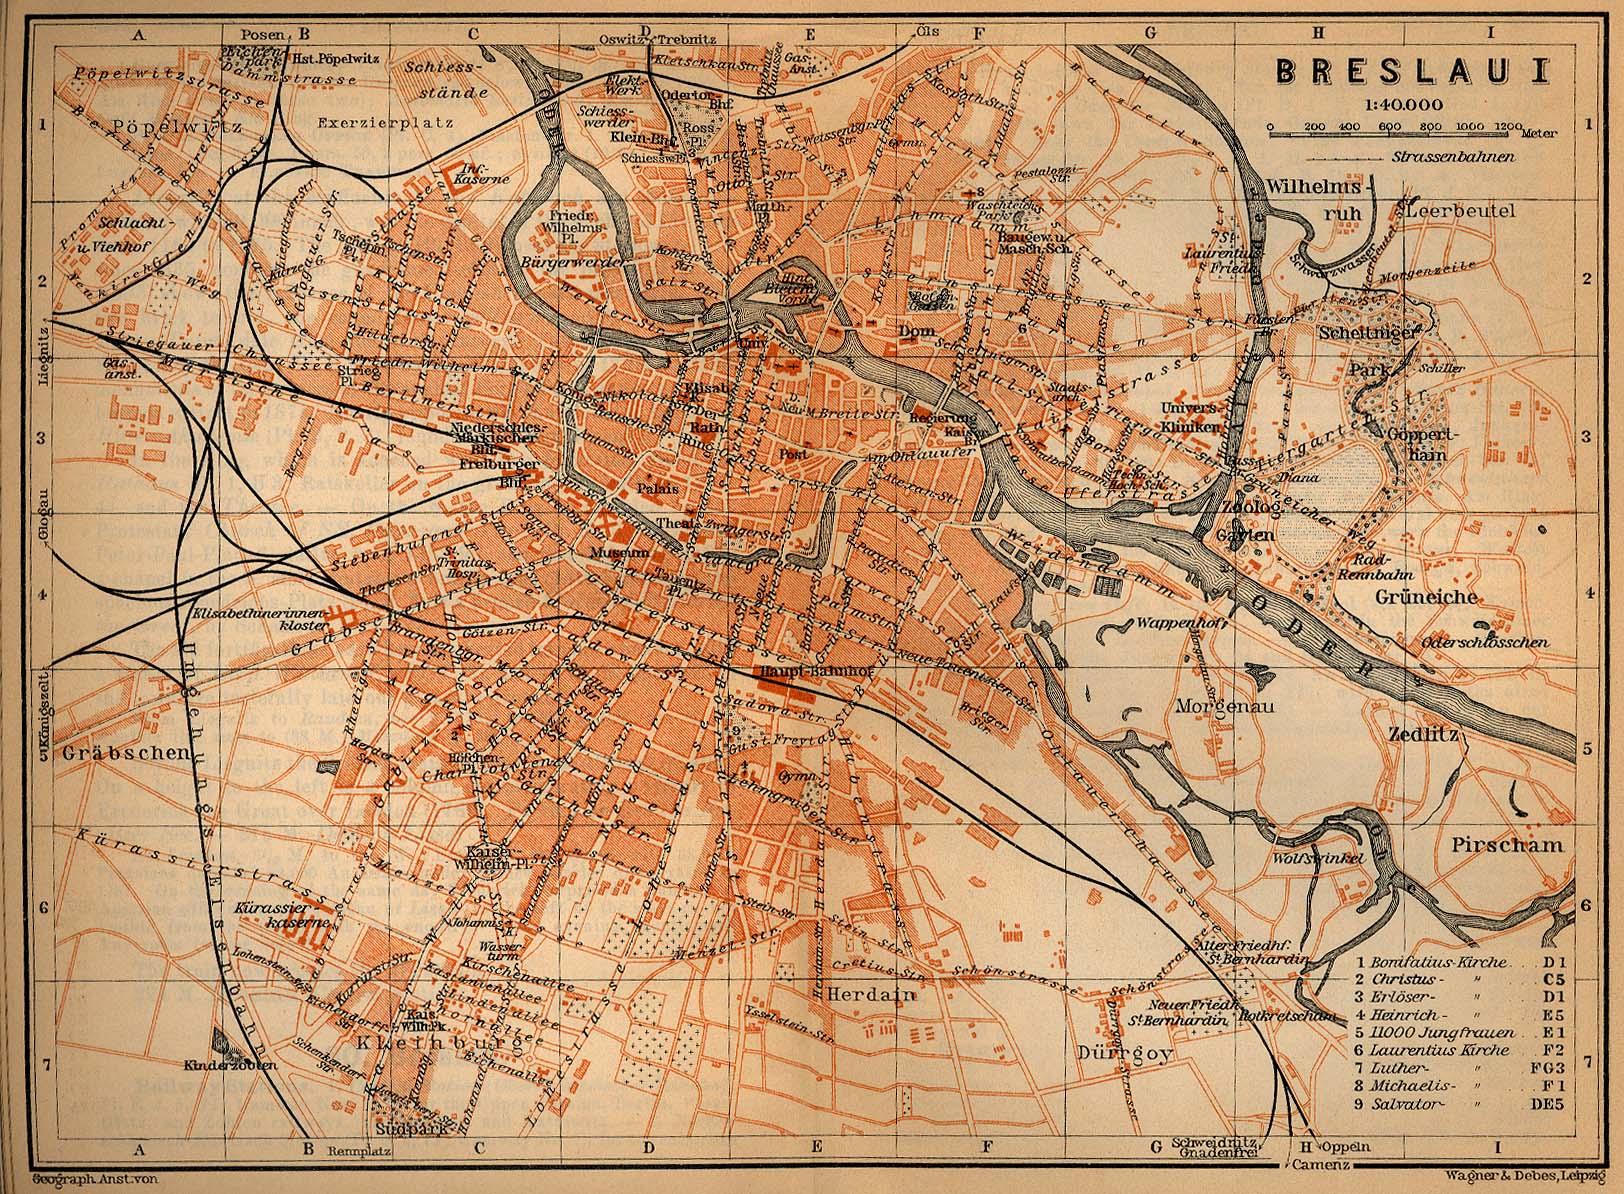 Wroclaw (Breslau) Map, Poland 1910